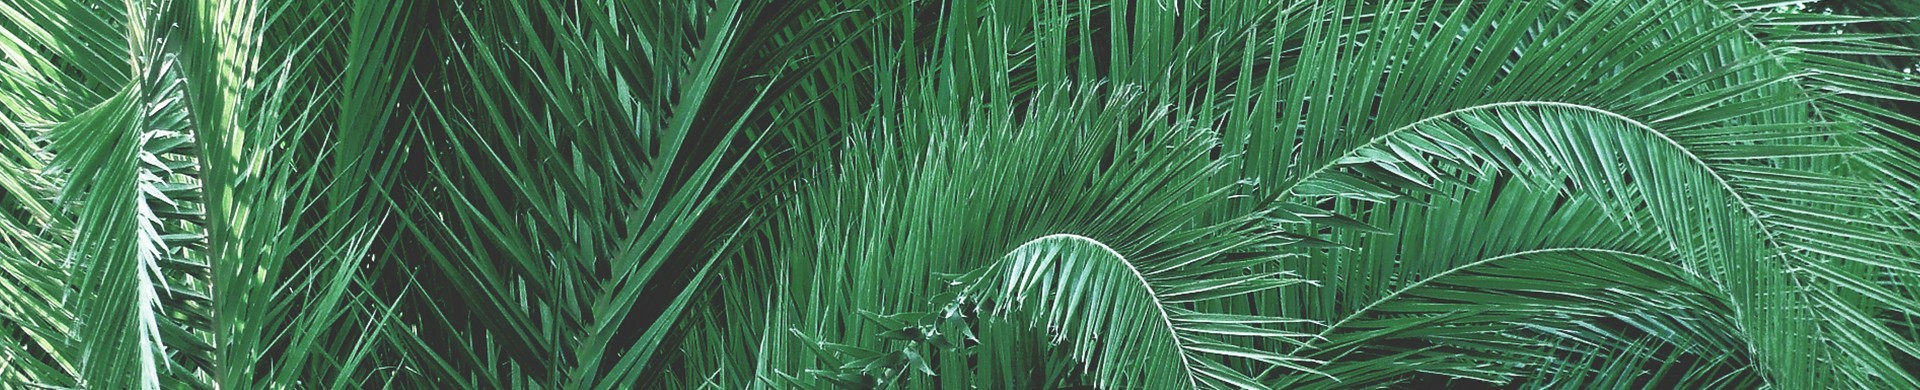 Comprar Palmeras - Venta de palmeras online - Palmeras planta